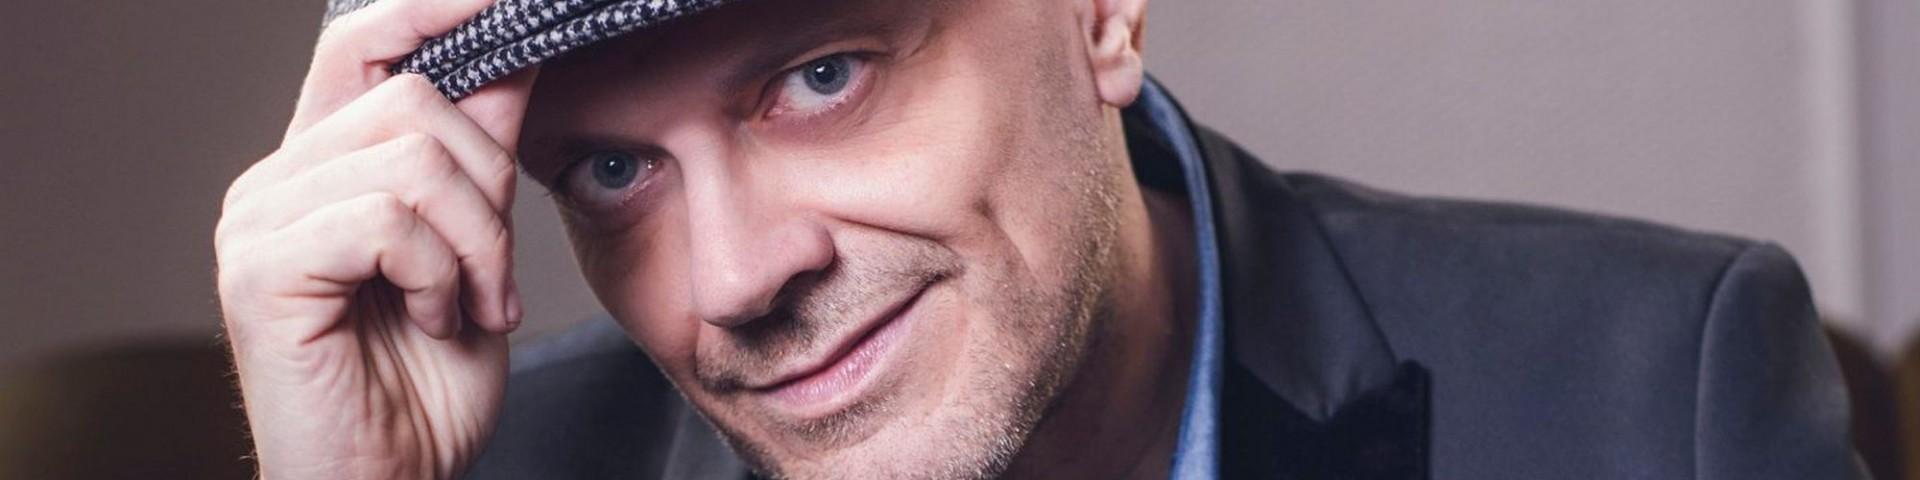 """La Bellacanzone della settimana è """"Sembro matto"""" di Max Pezzali (feat. Tormento)"""